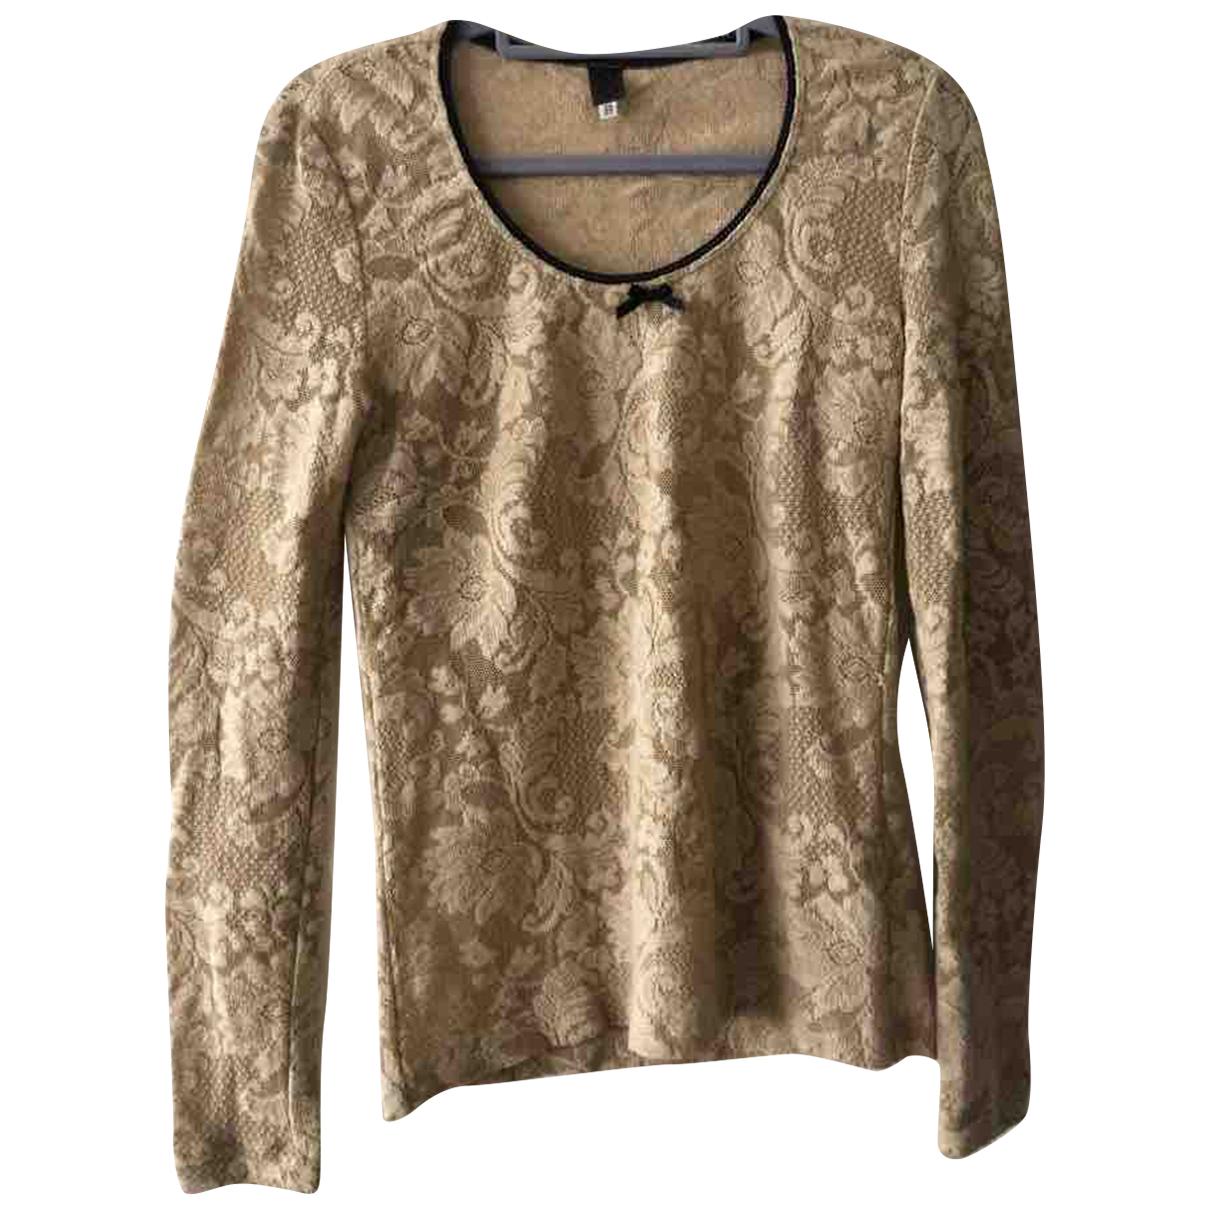 D&g - Top   pour femme en laine